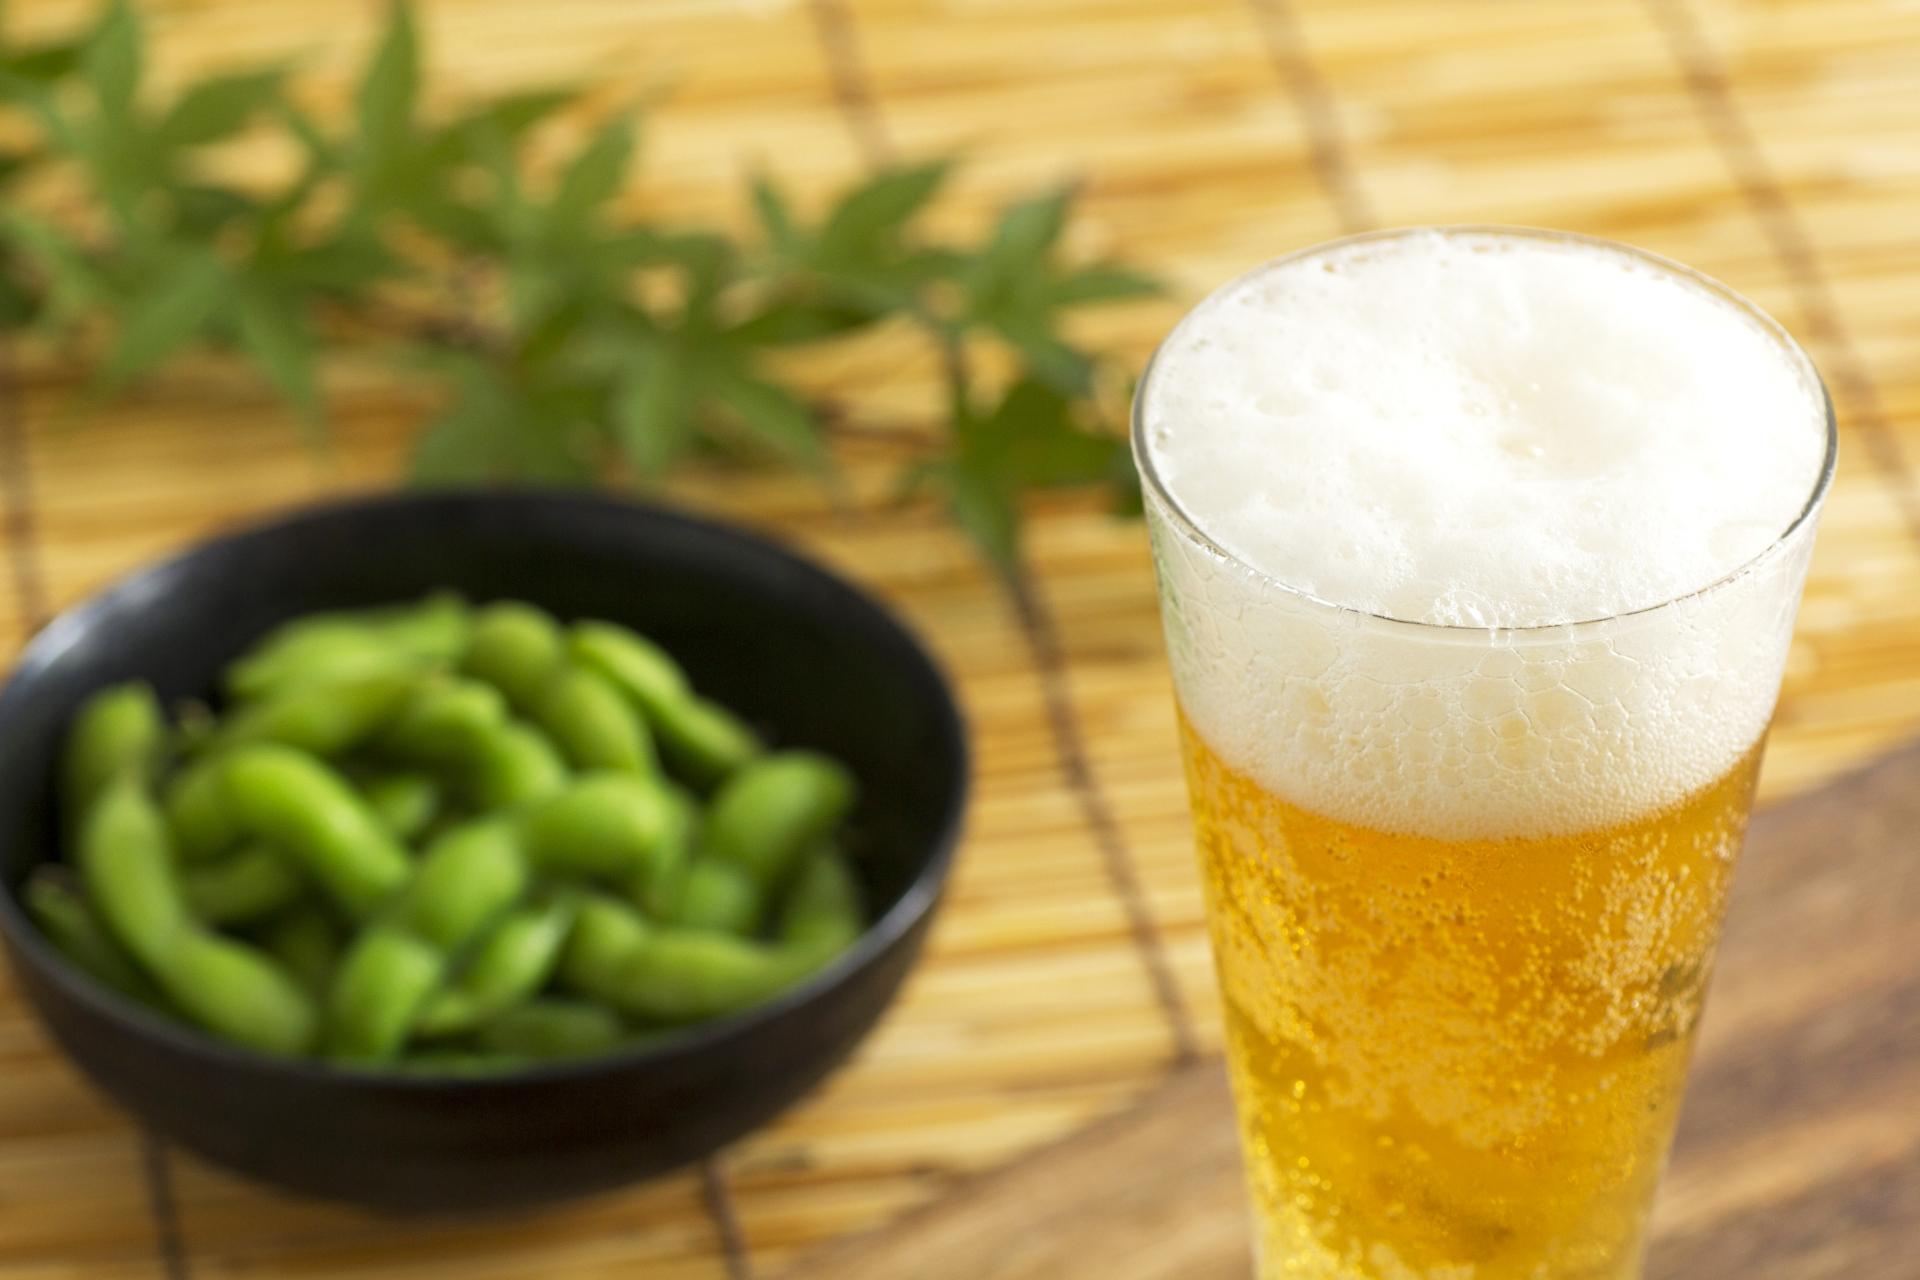 ビール大手3社の個性豊かなコーズマーケティング事例をご紹介!